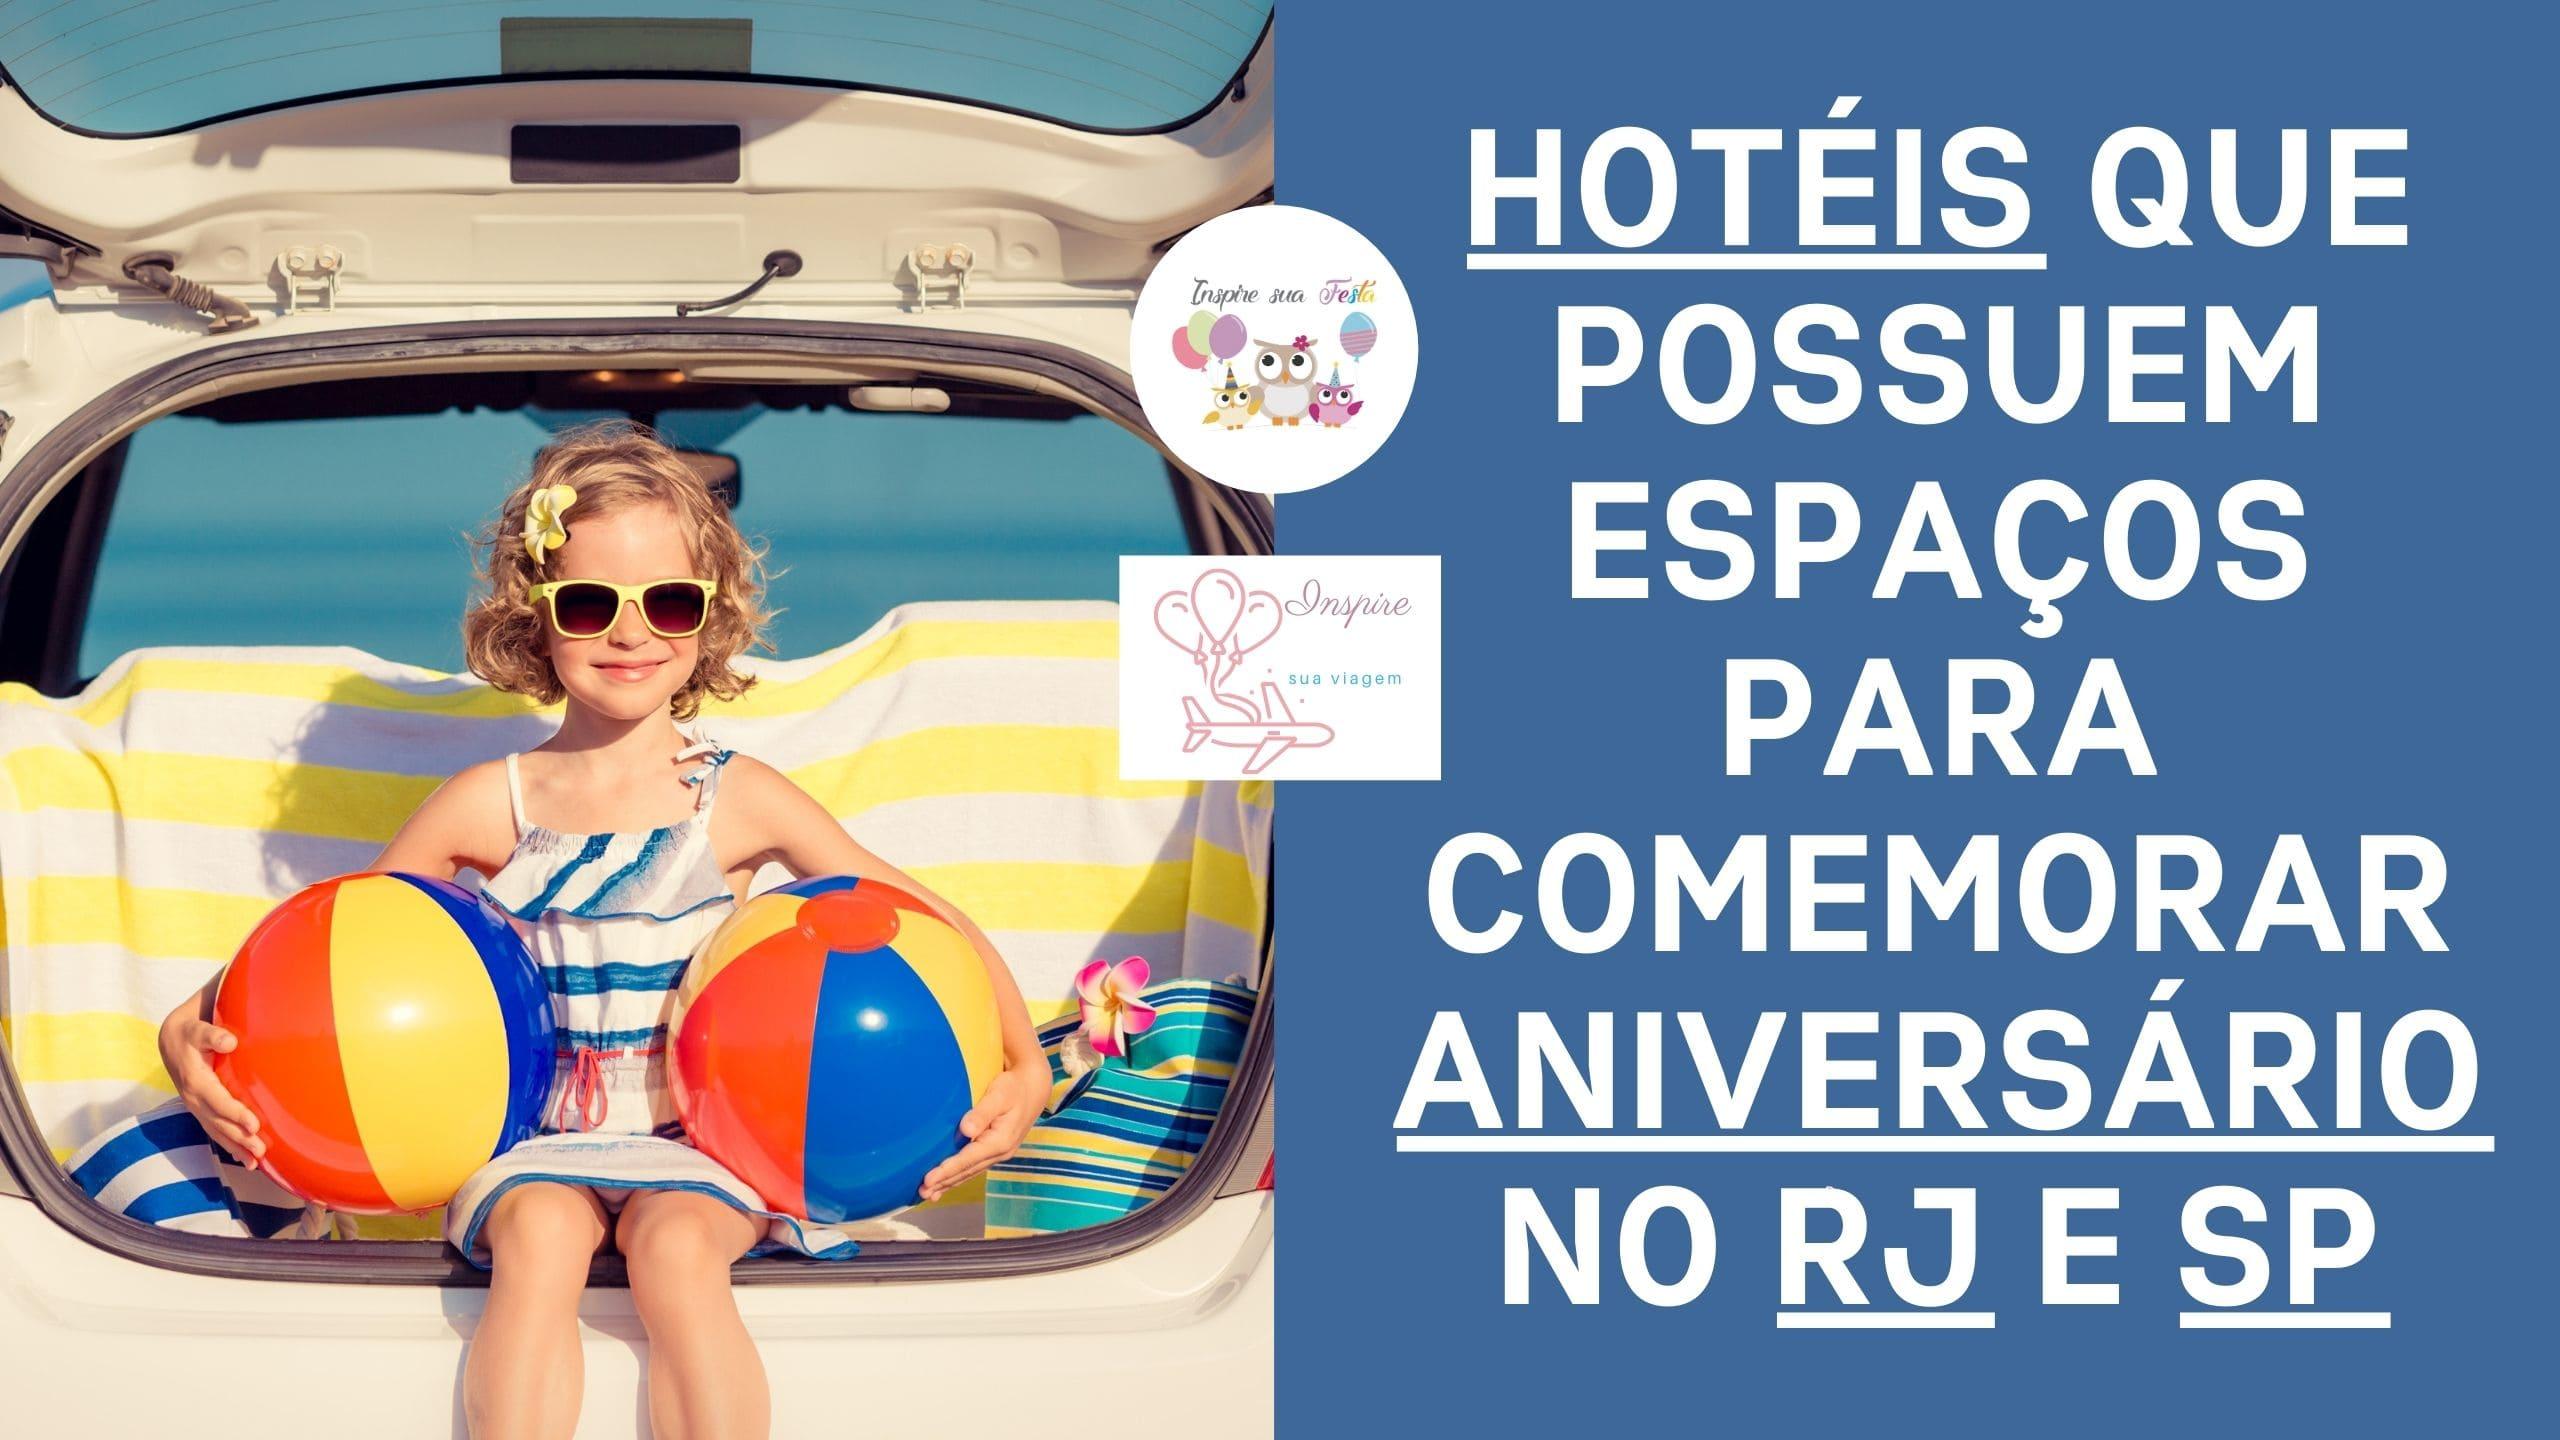 Hotéis que possuem espaços para comemorar aniversário no RJ e SP